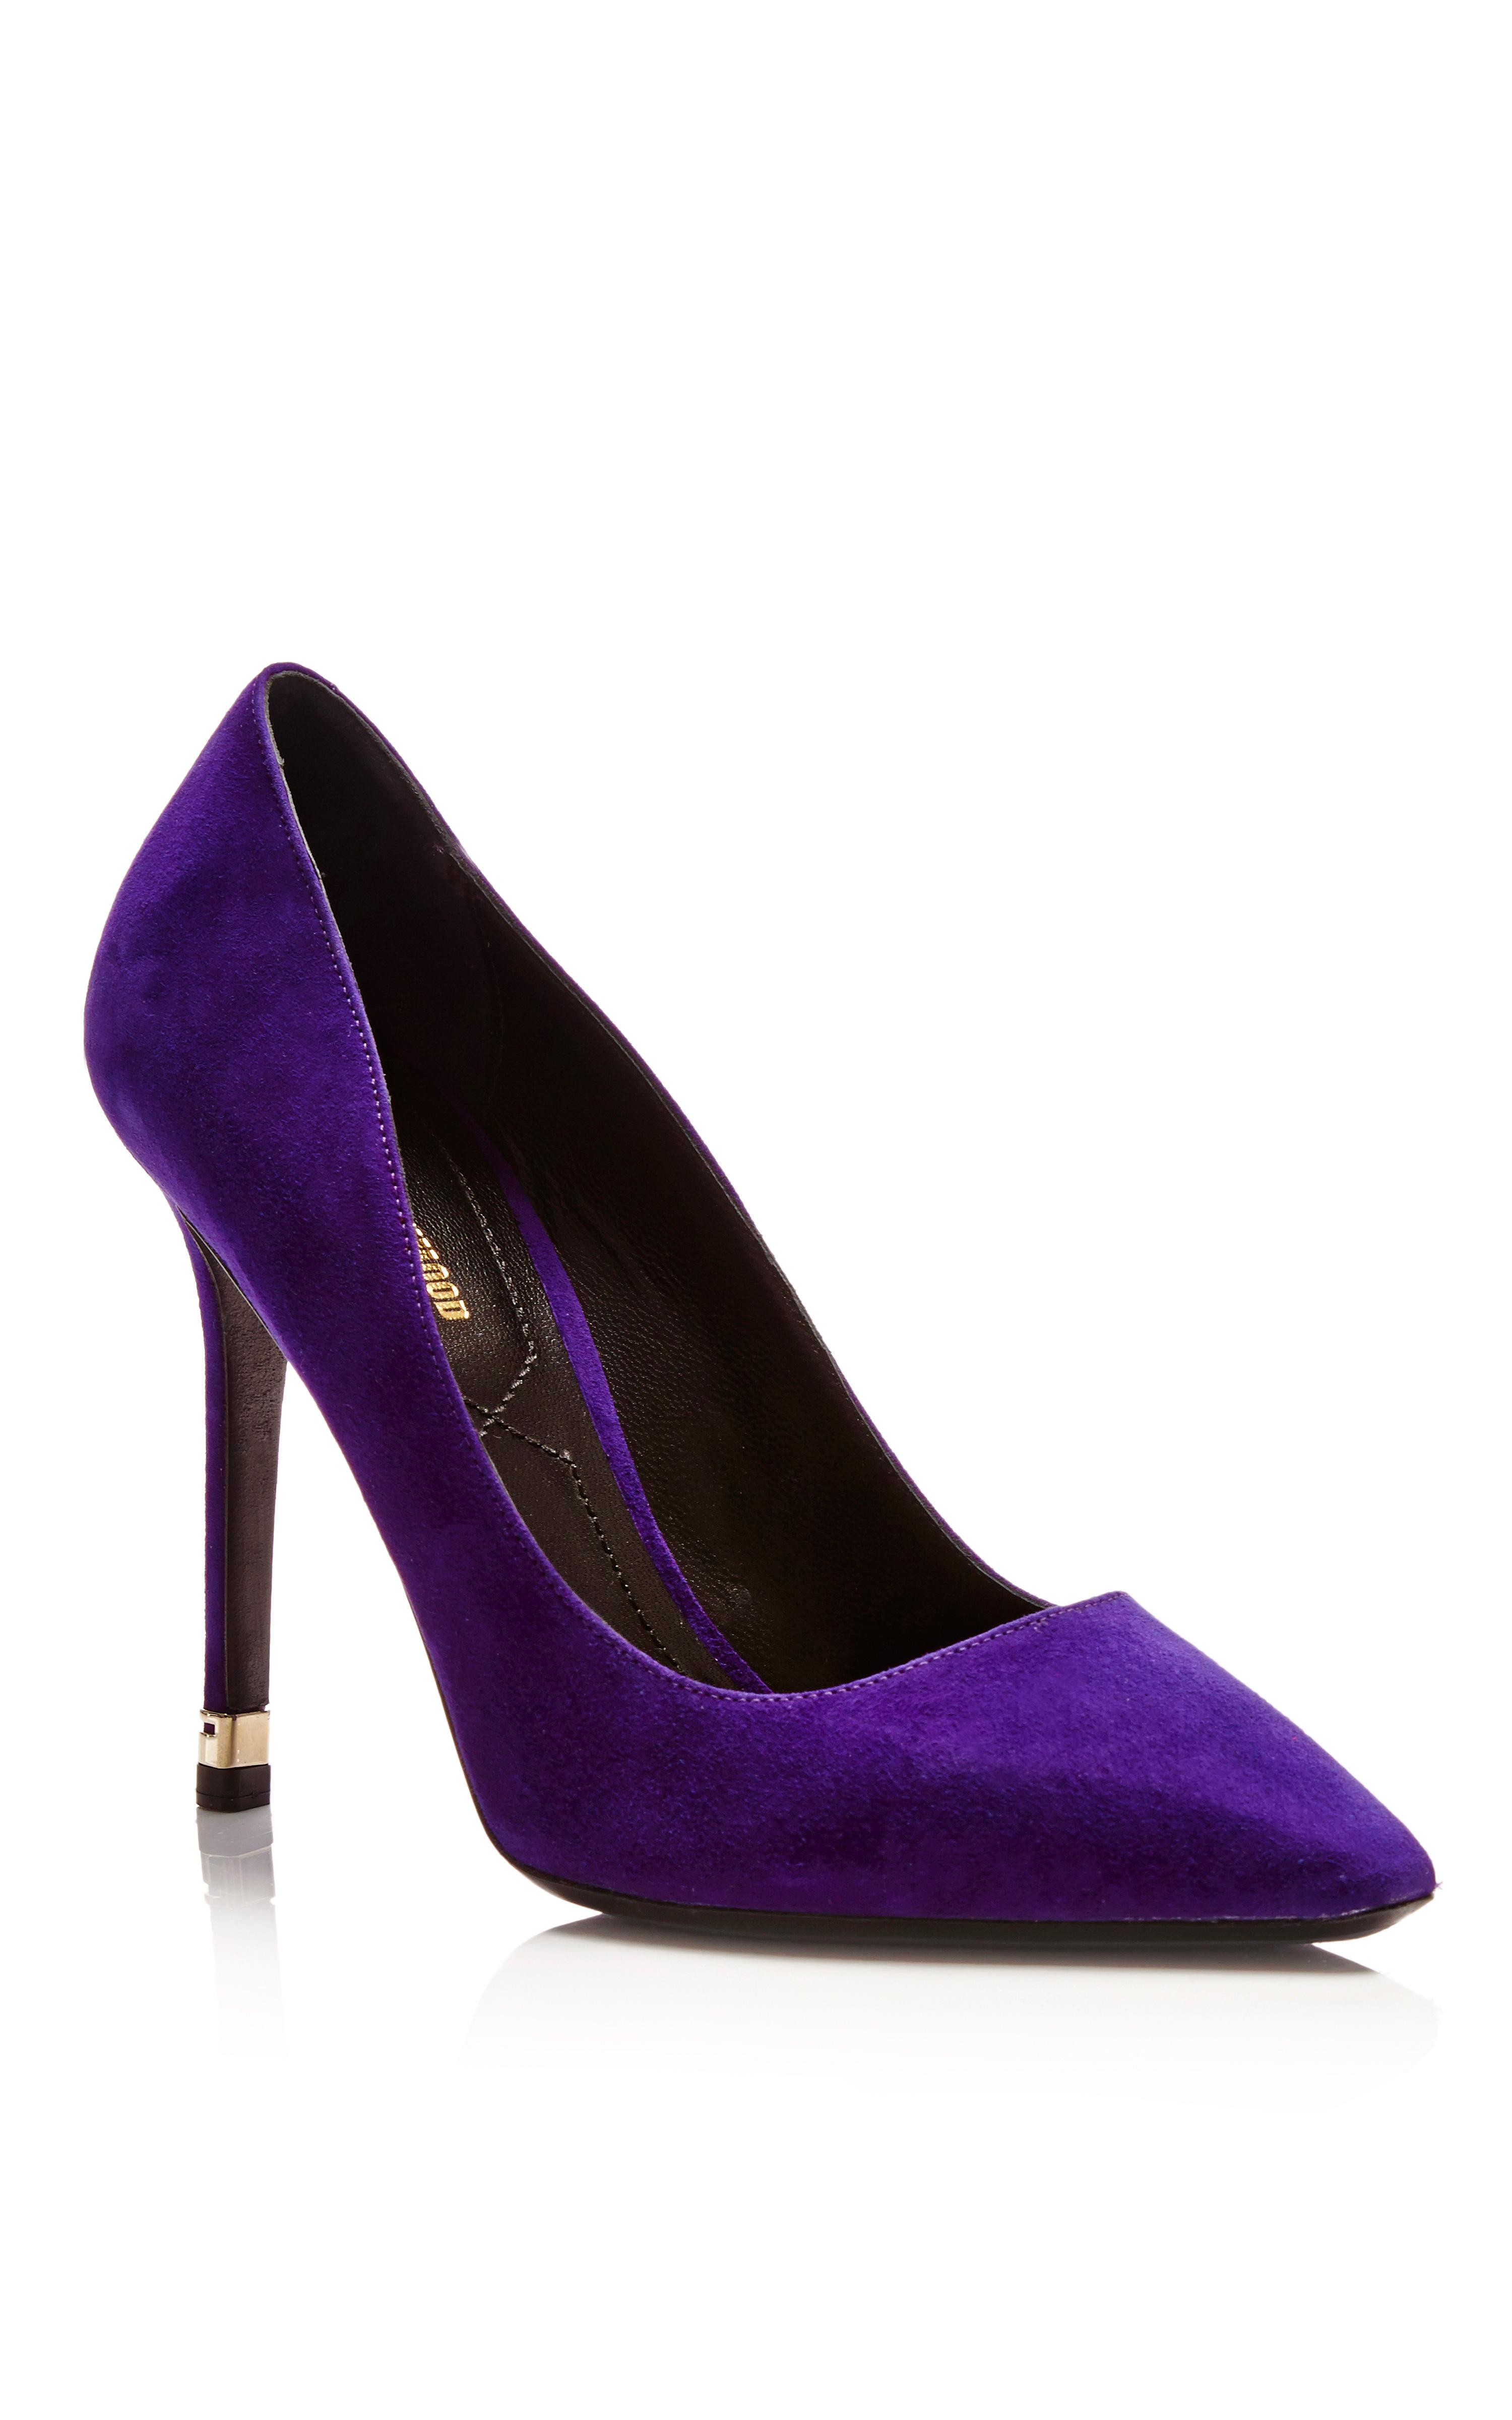 Nicholas kirkwood Purple Suede Pump with Metal Heel in Purple | Lyst